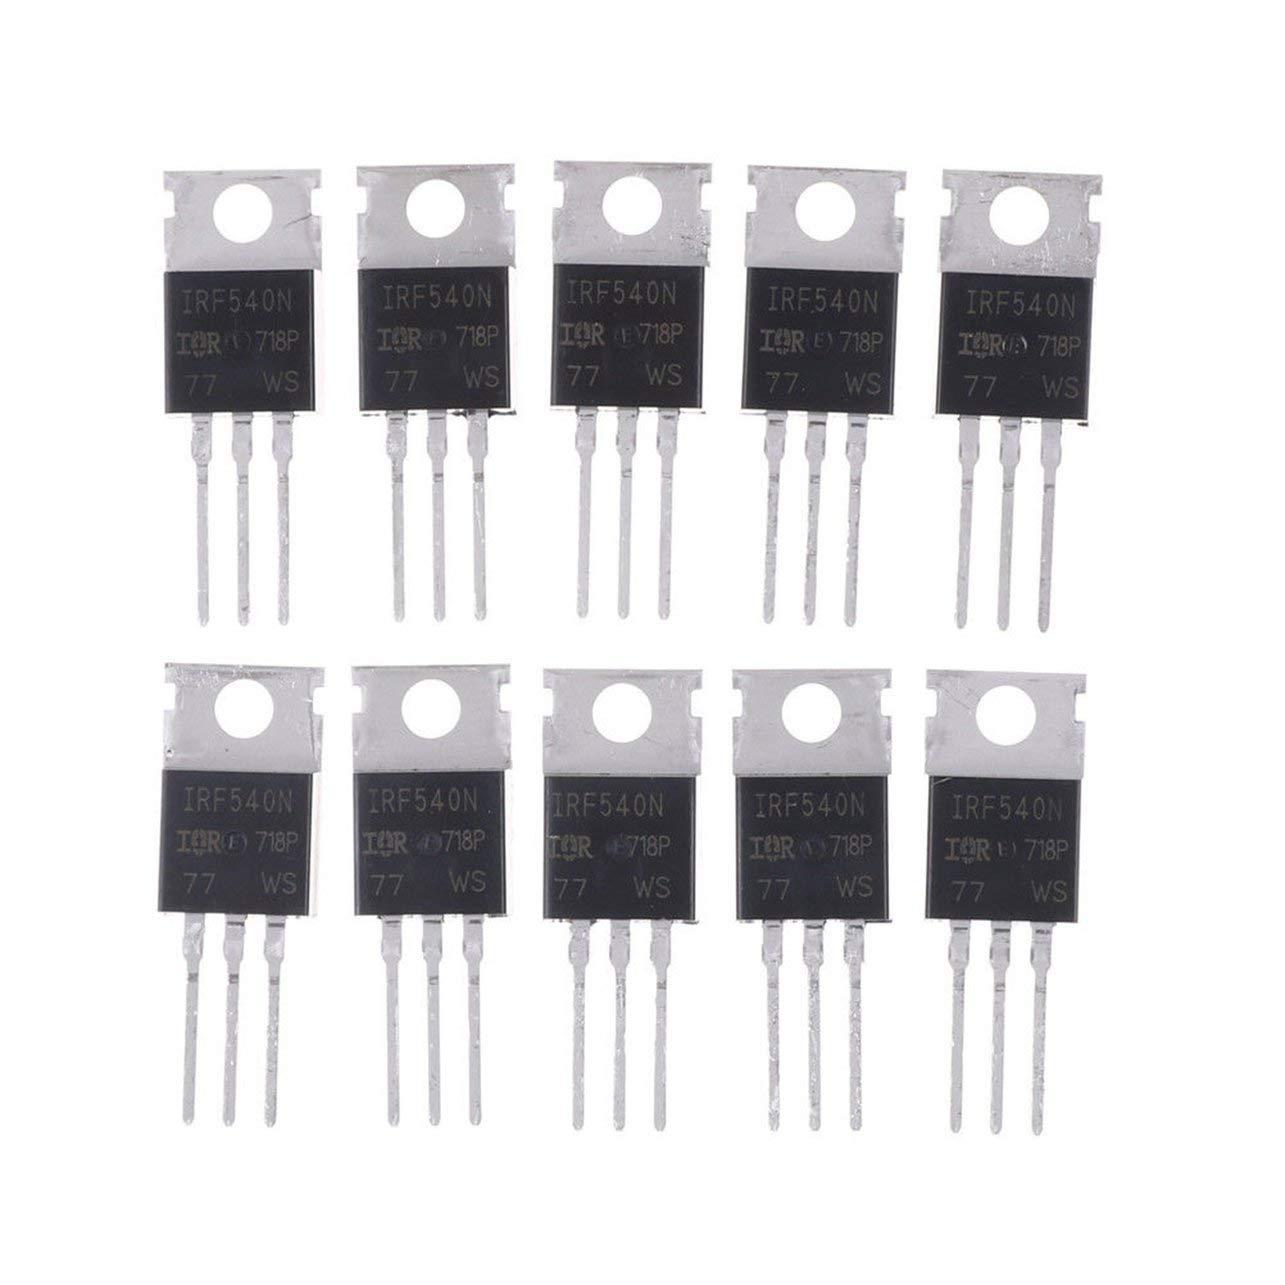 10PCS IRF540N IRF540 TO-220 N-Channel 33A 100V MOSFET di alimentazione ad alta prestazione di effetto tubo portatile Dimensioni